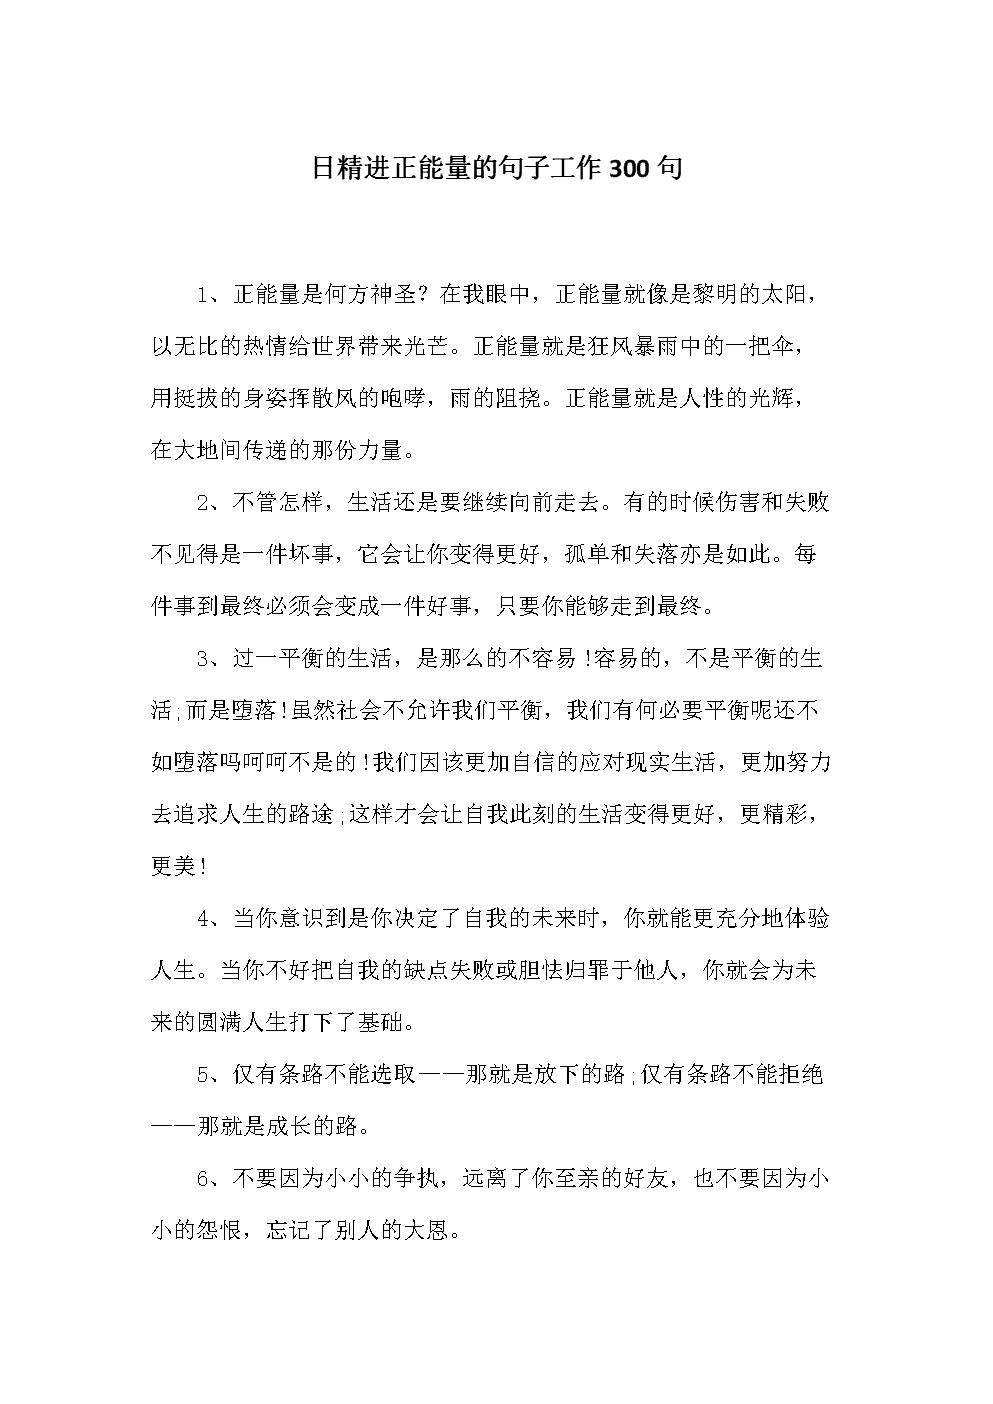 日精进正能量的句子工作300句.docx